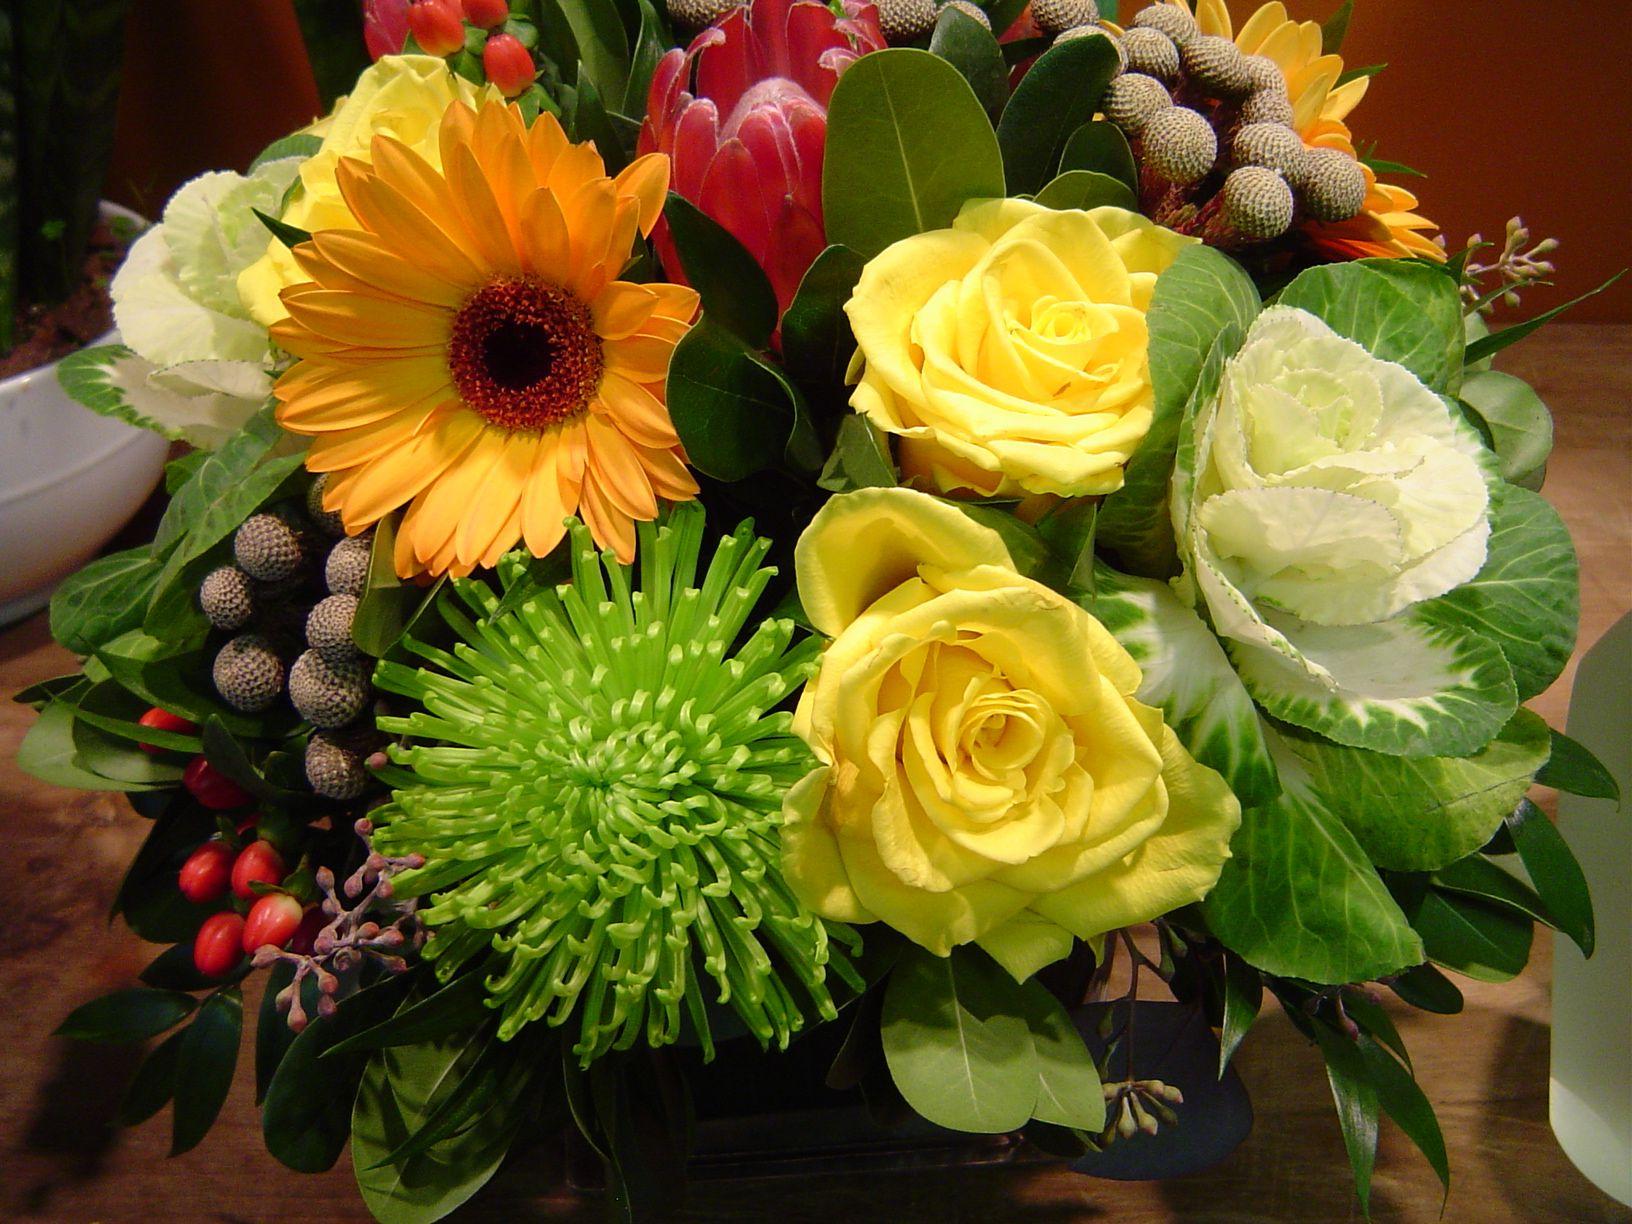 Fleuriste folle avoine montreal realisations pinterest